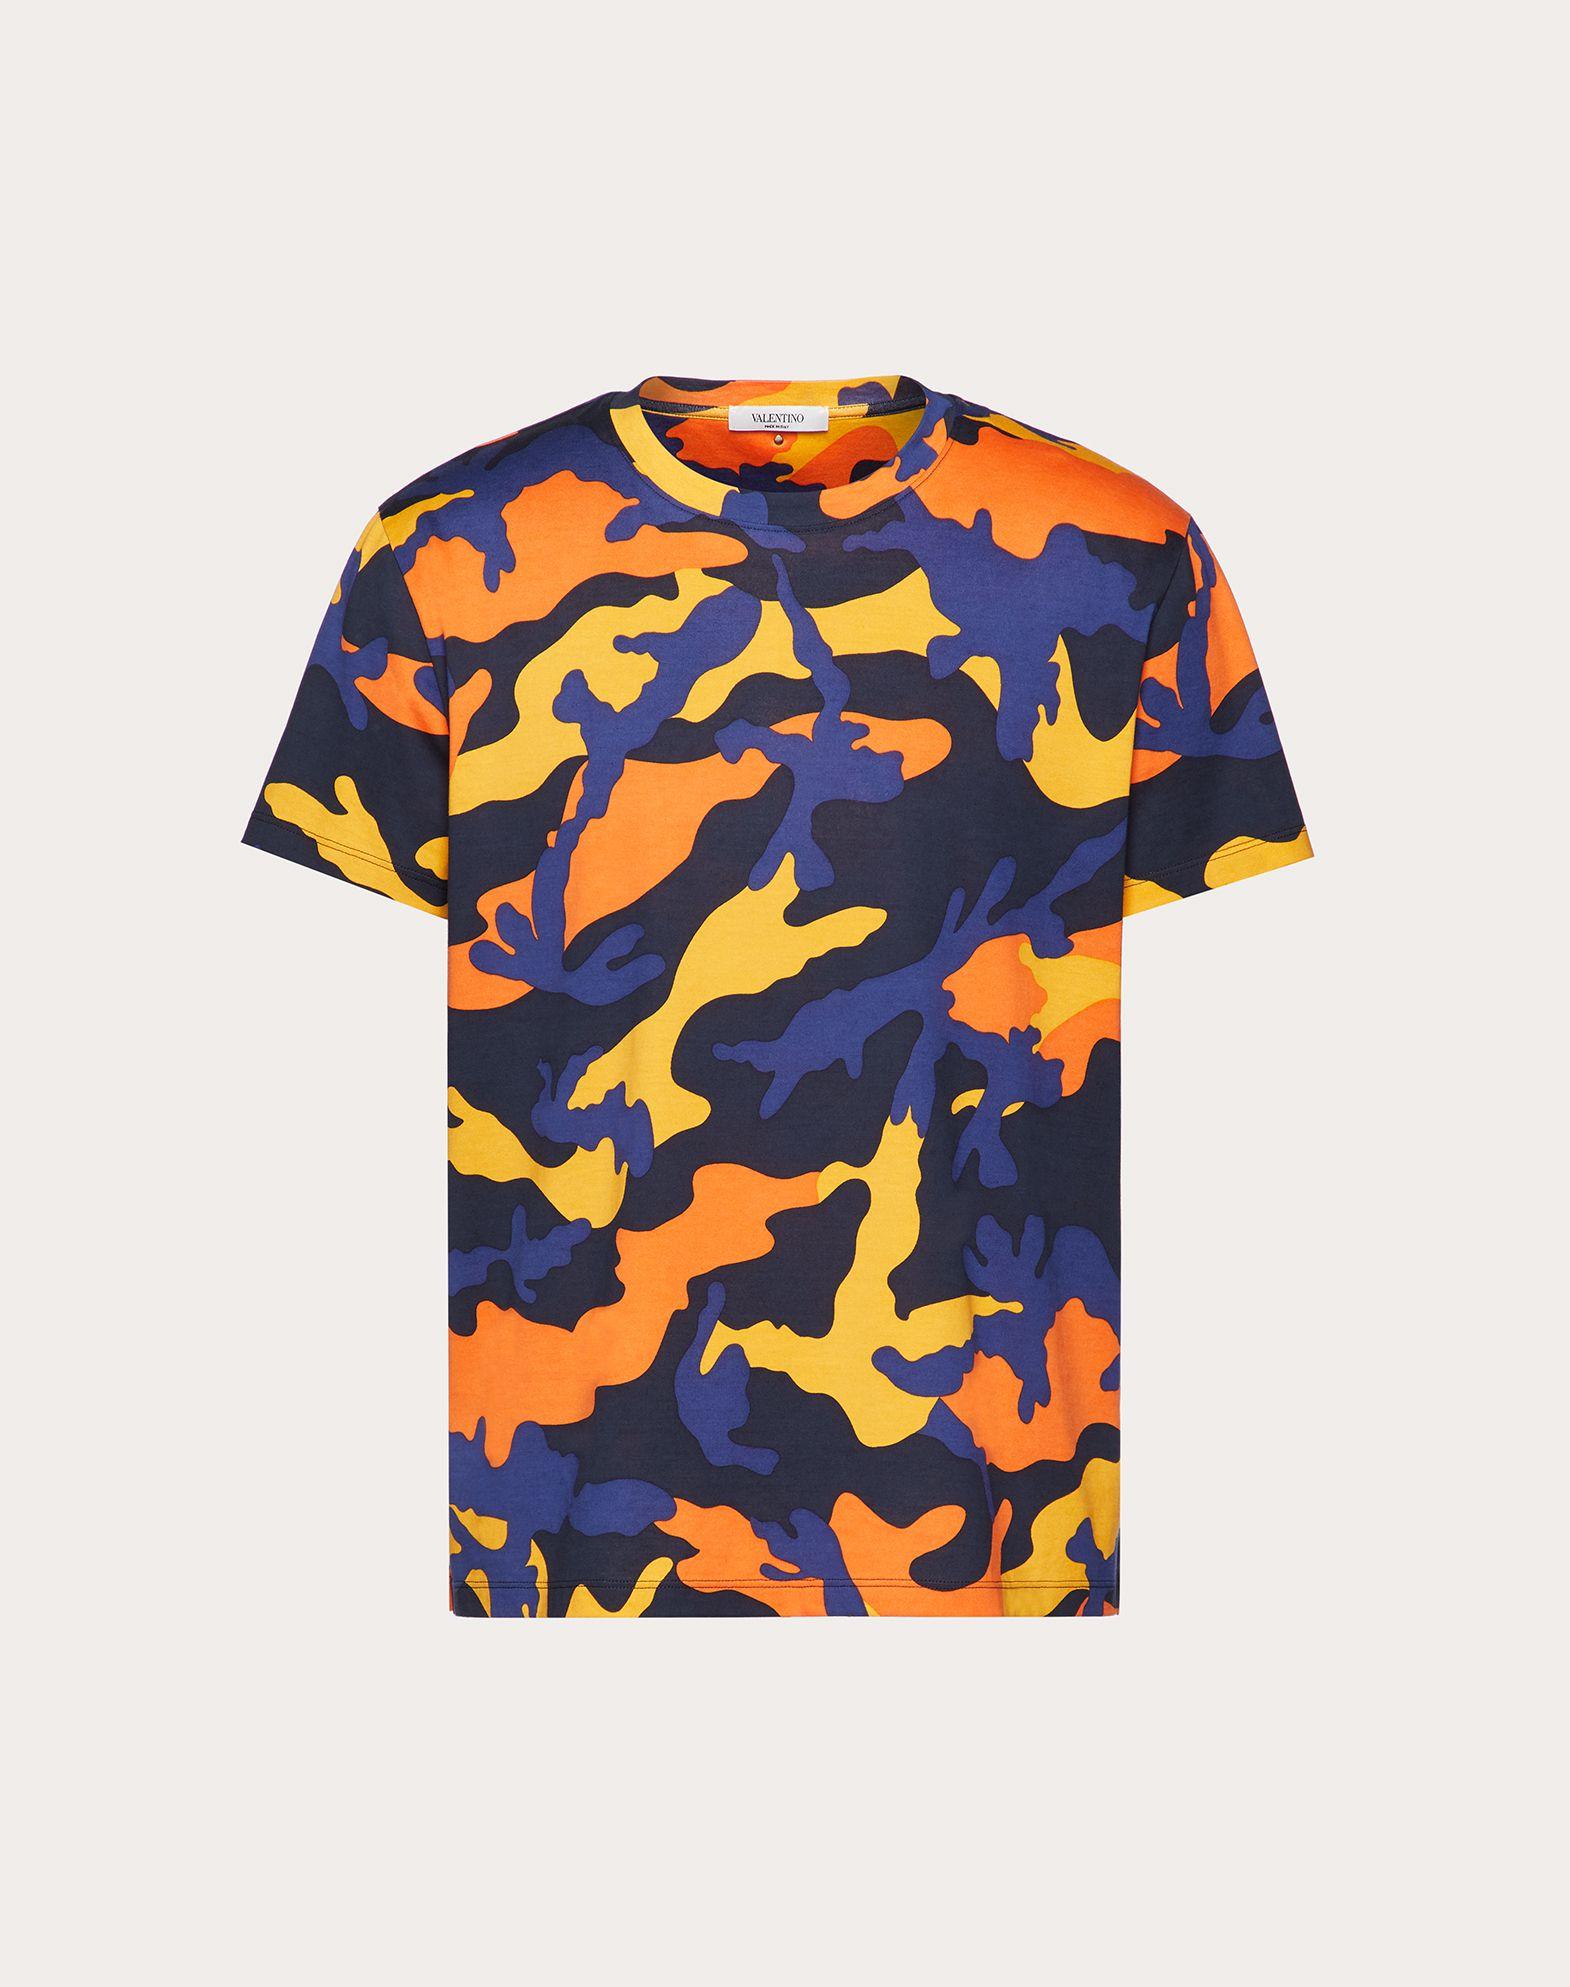 카무플라주 티셔츠